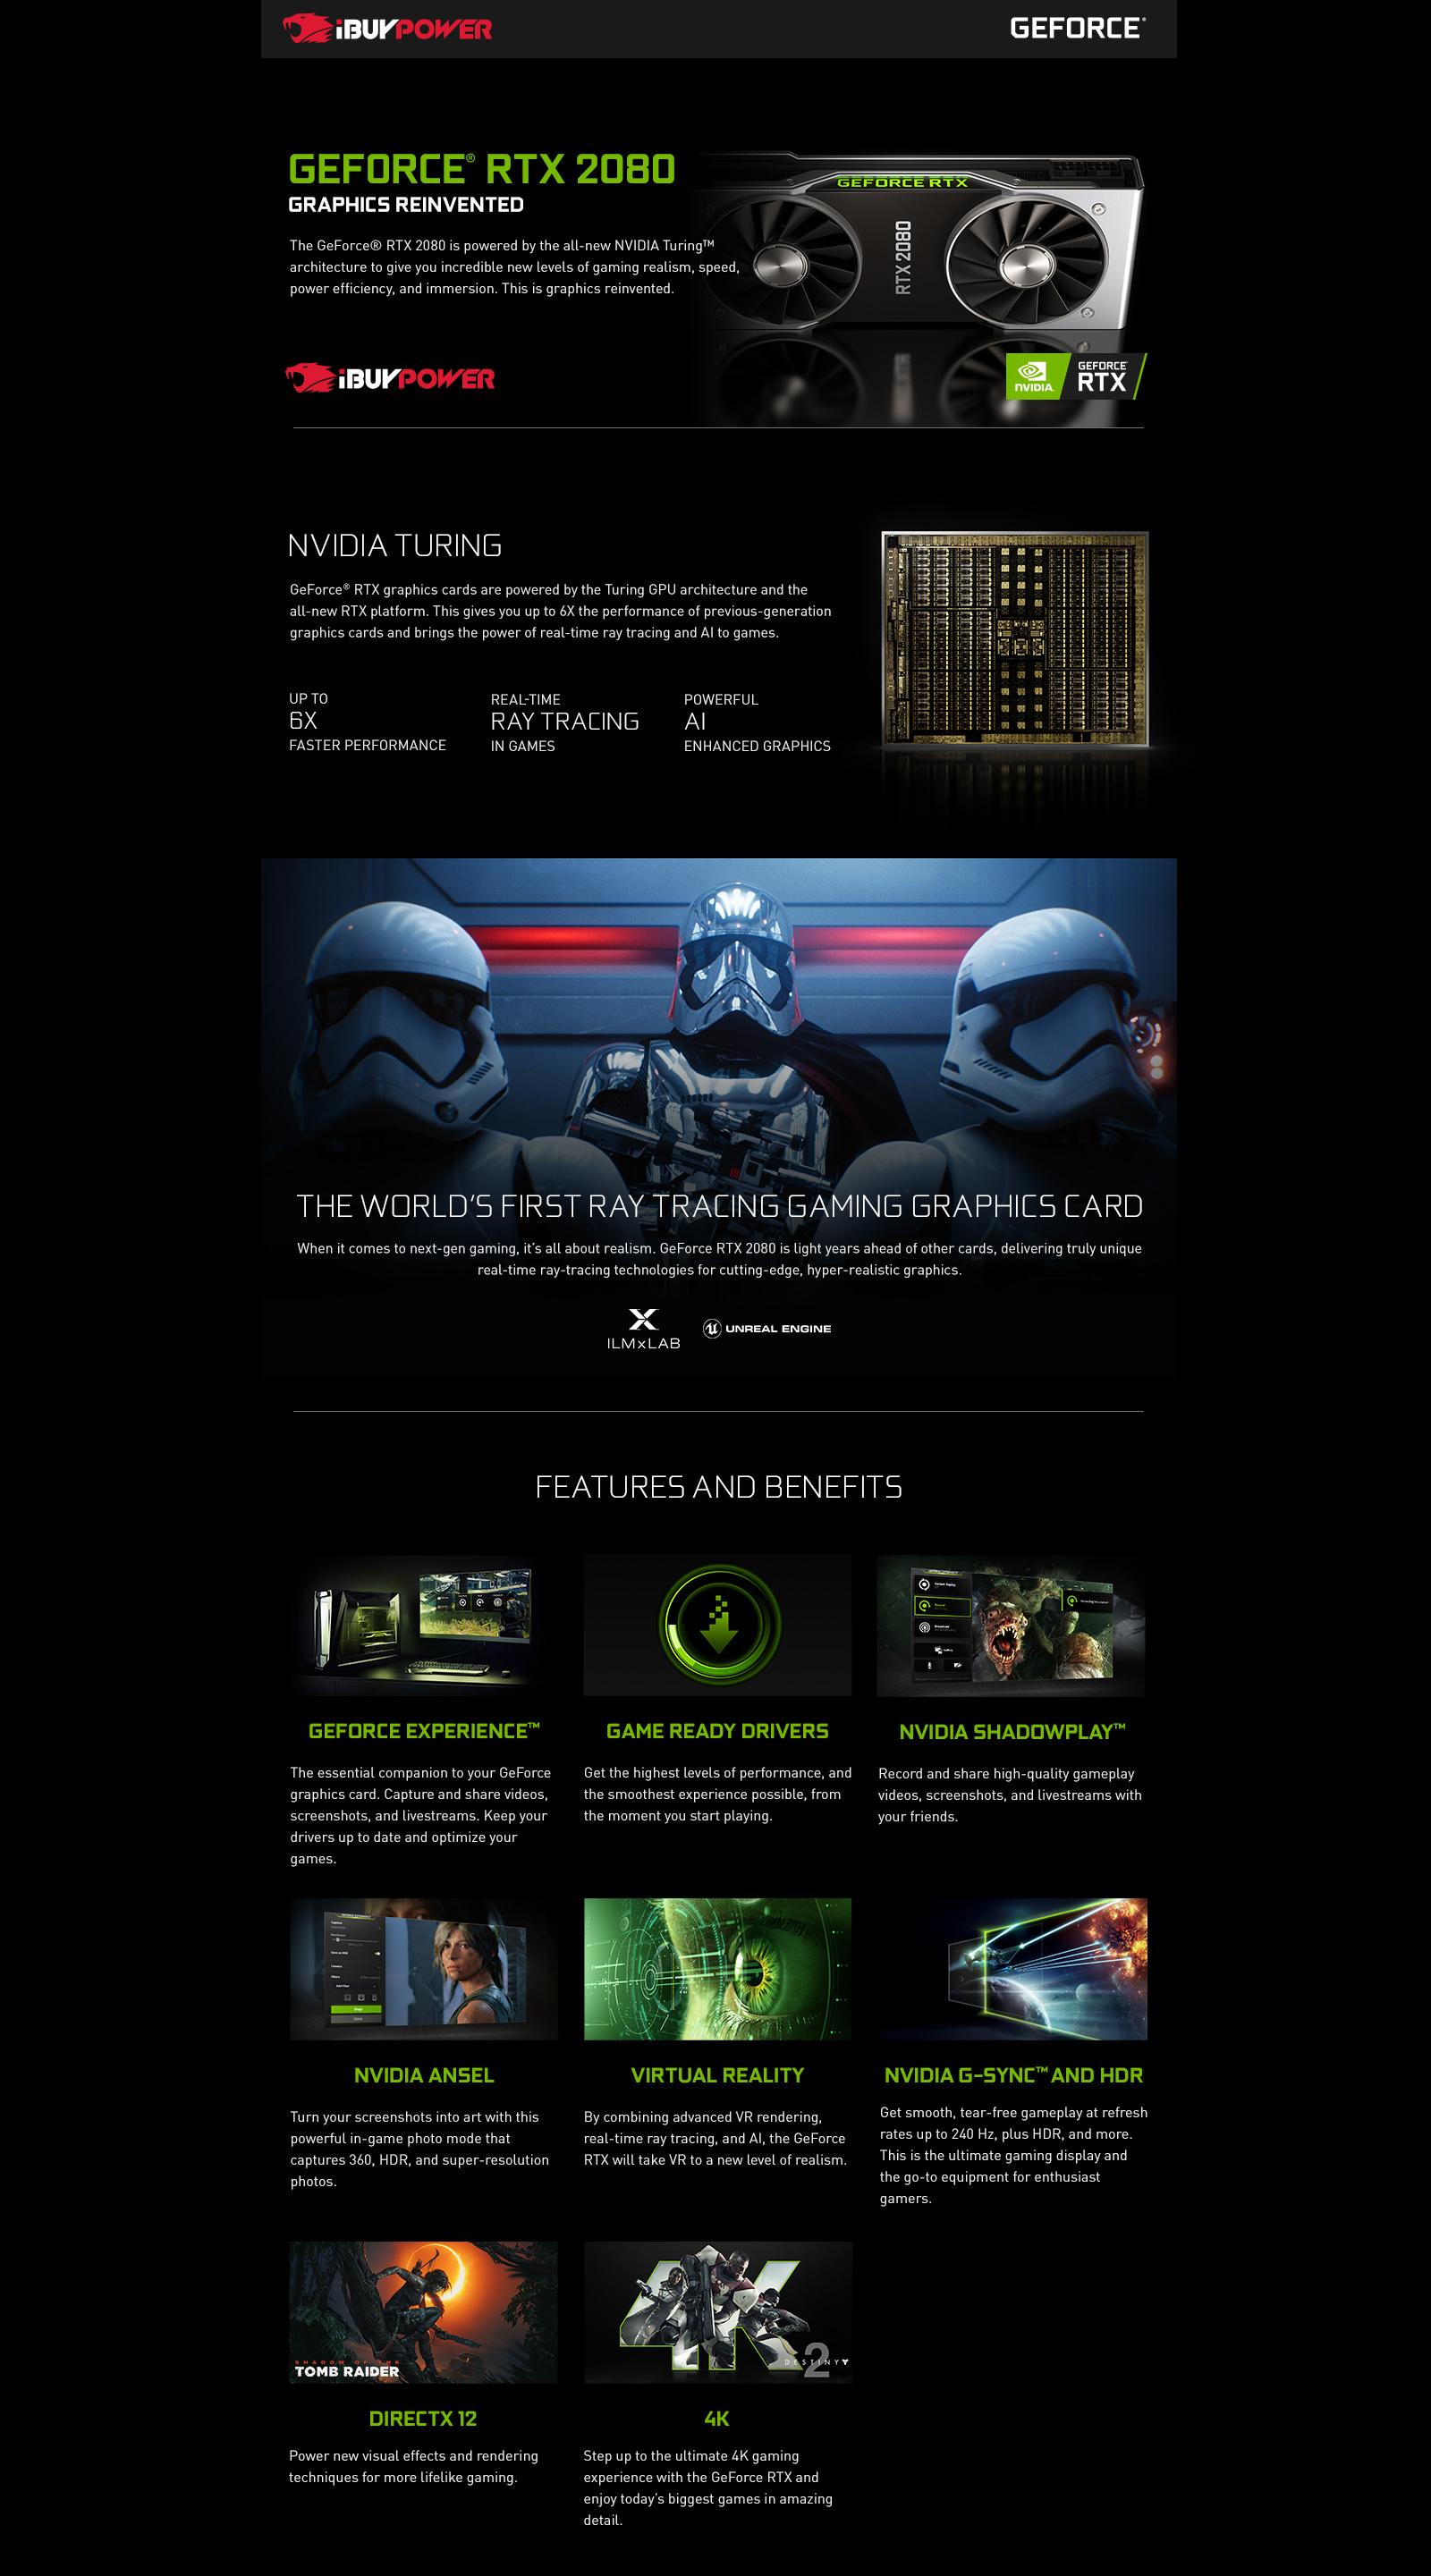 NVIDIA GeForce RTX 2080 Gaming PCs: iBUYPOWER®